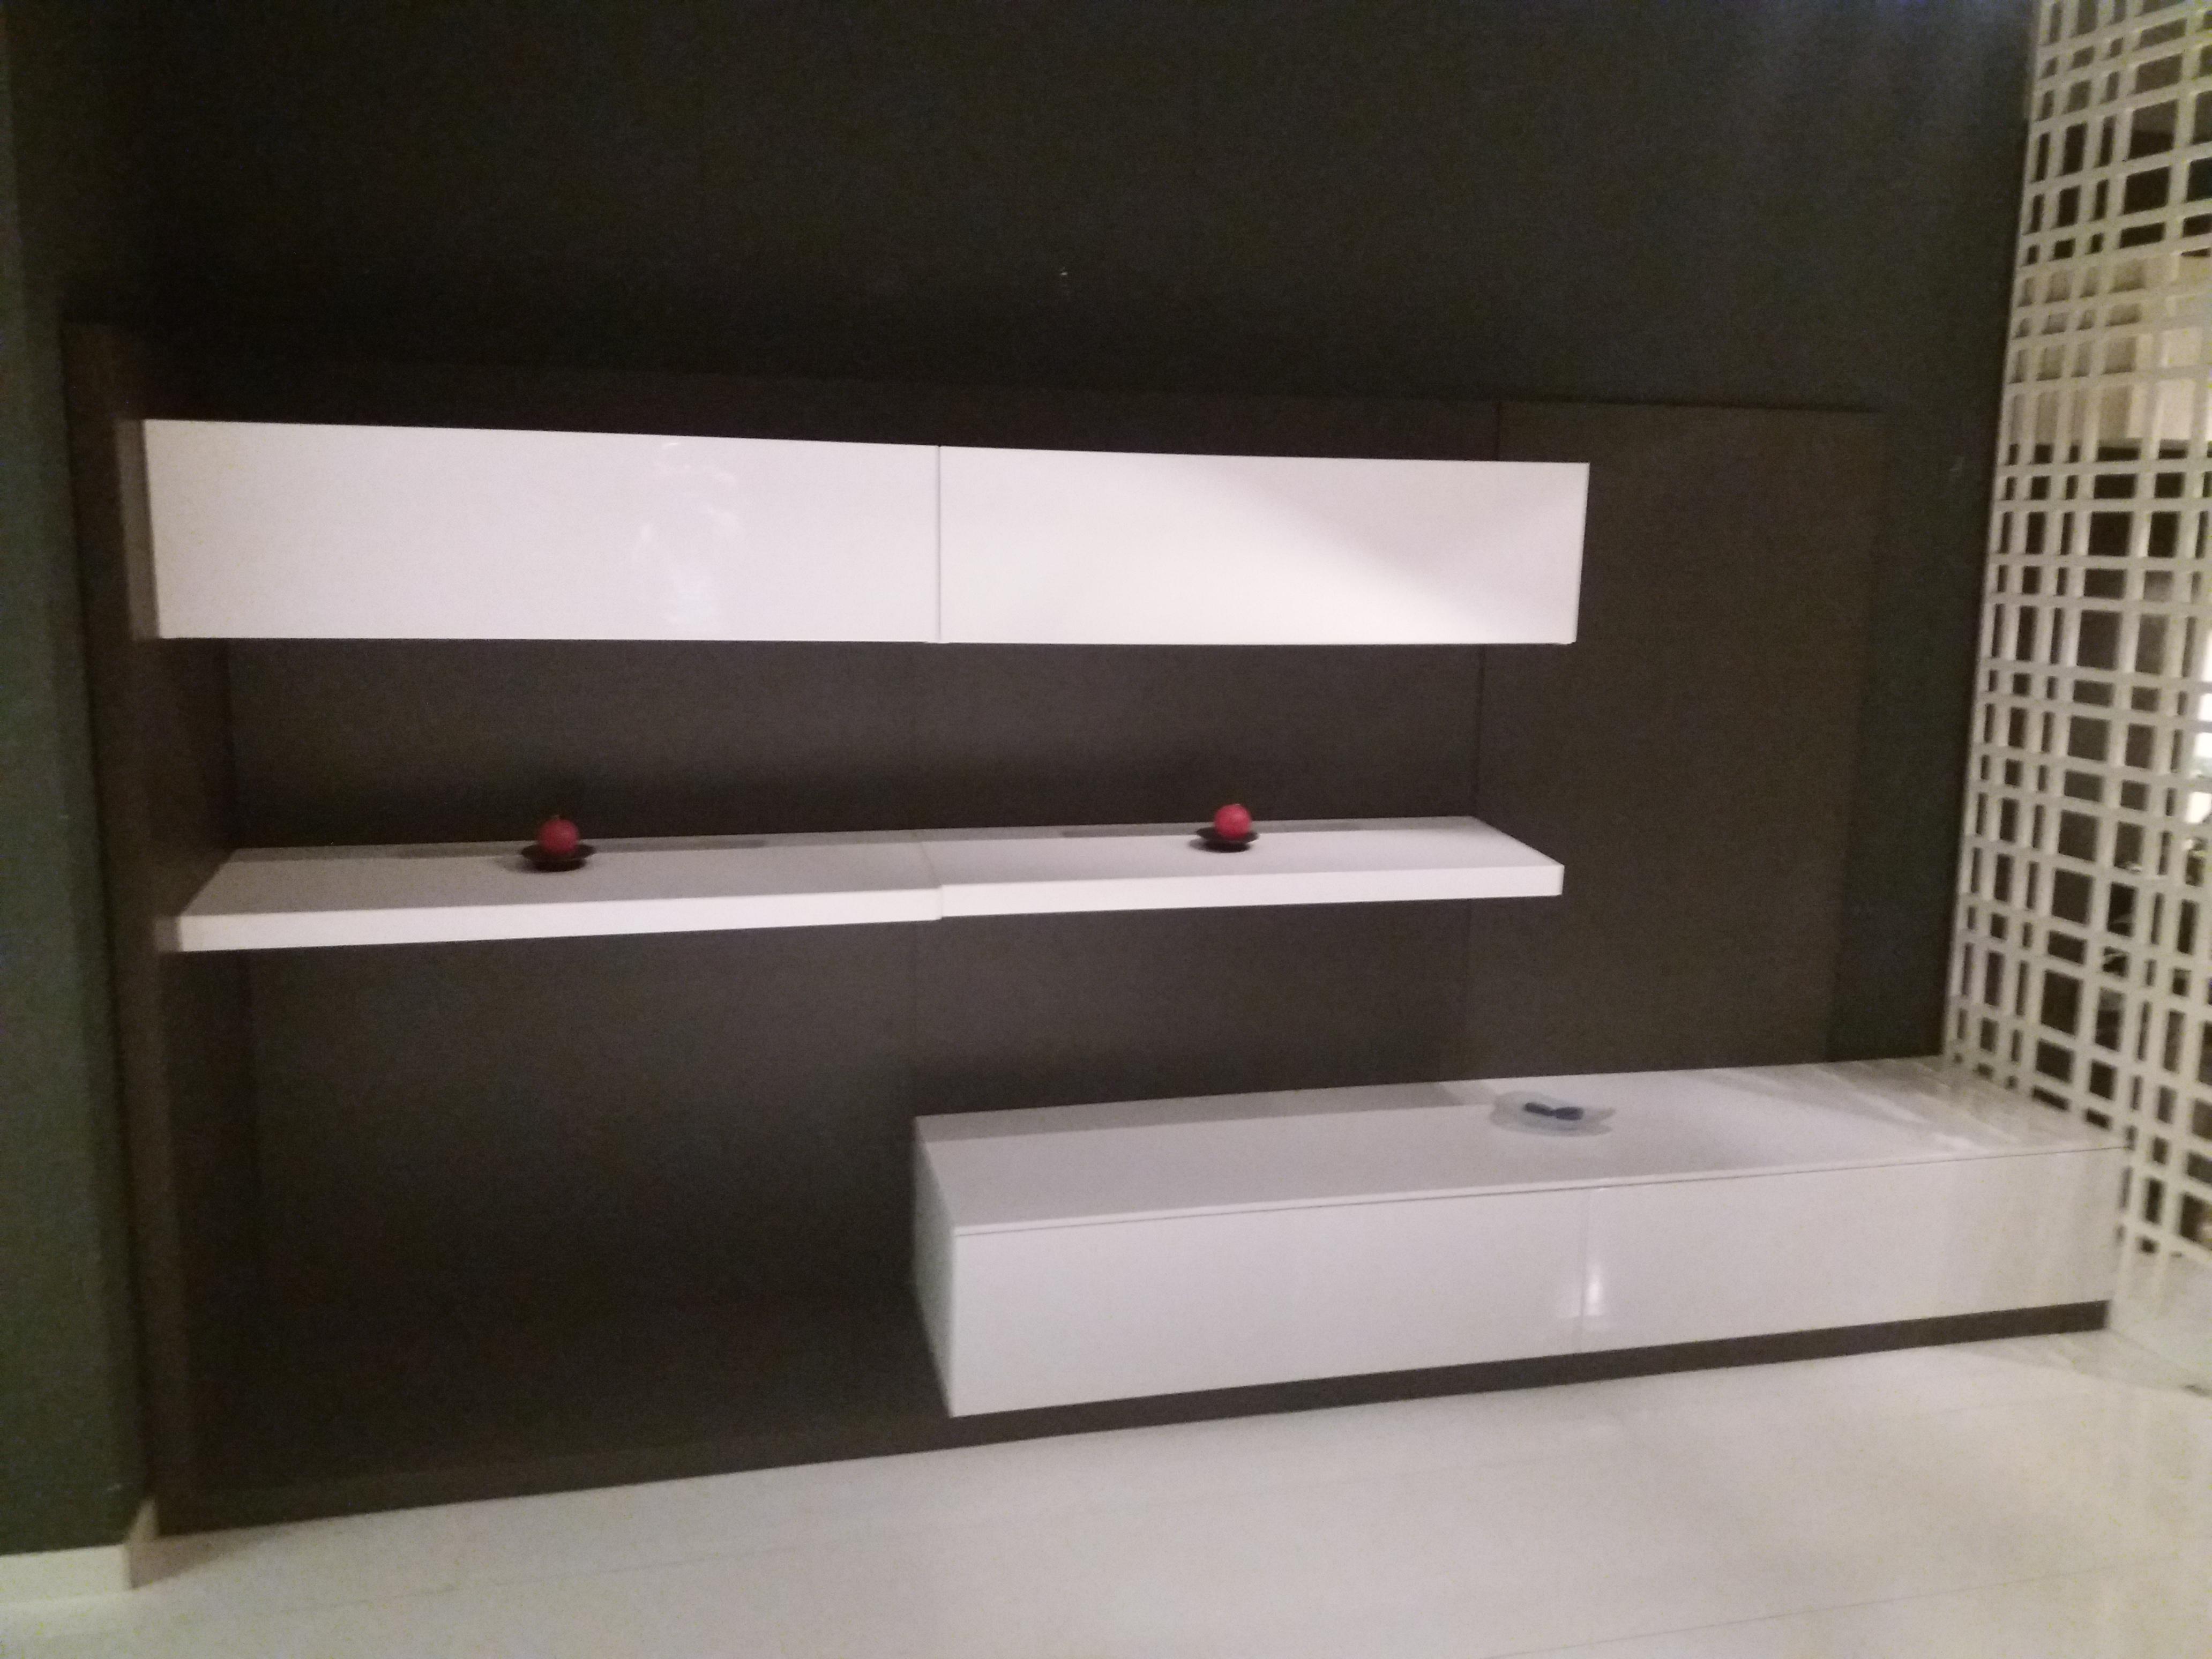 Soggiorno Rovere Grigio : Soggiorno rovere grigio e bianco lucido mobili arredamento